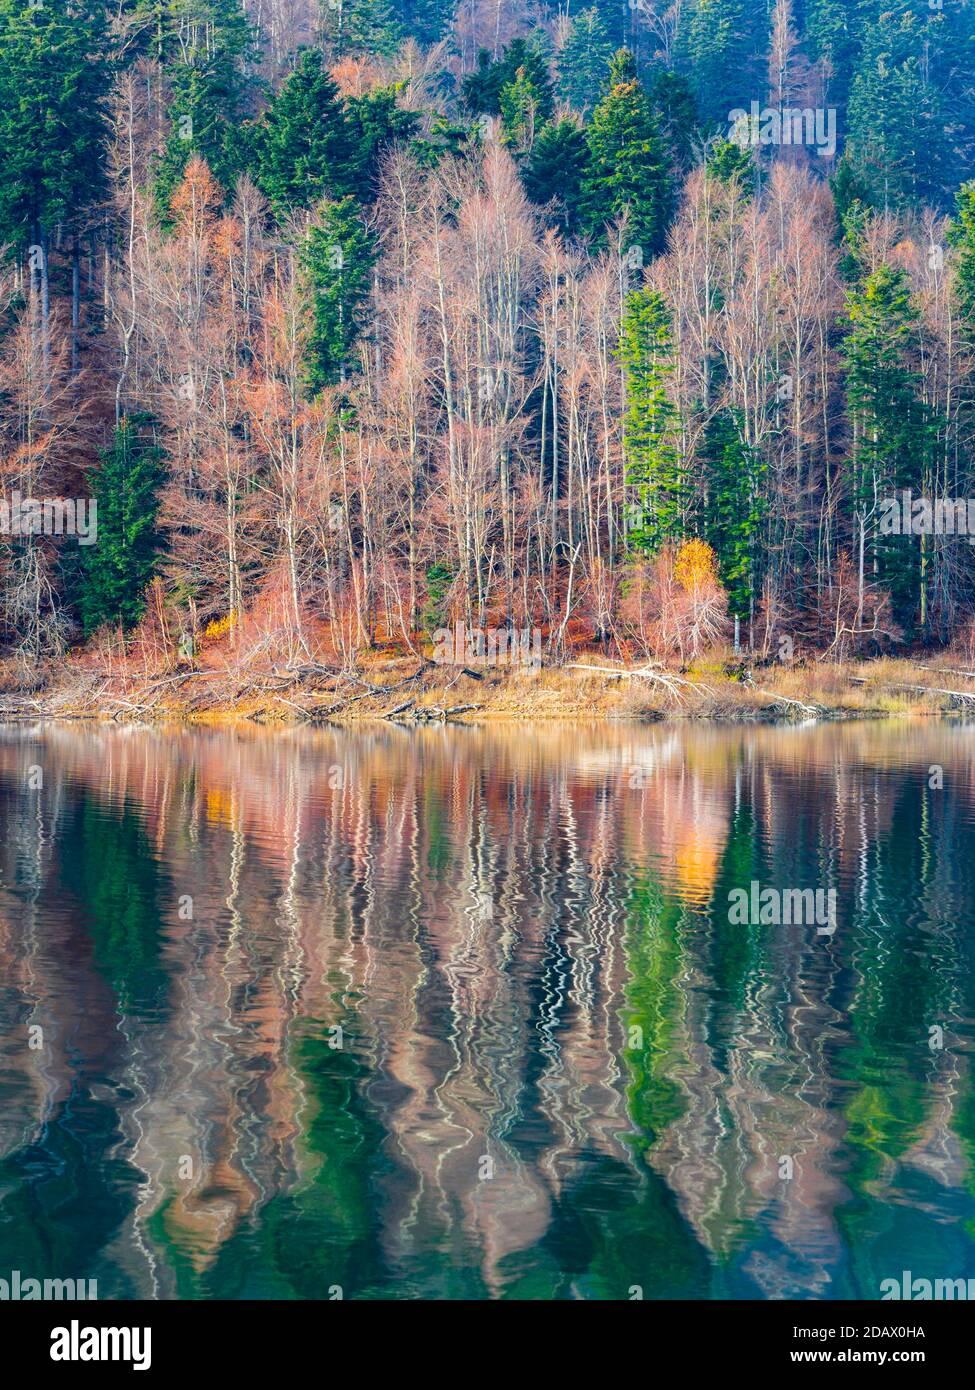 Impresionante reflejo del lago otoñal tardío con un toque de la primera mañana Olas de goteo Lokve lago Lokvarsko jezero en Croacia Europa Foto de stock